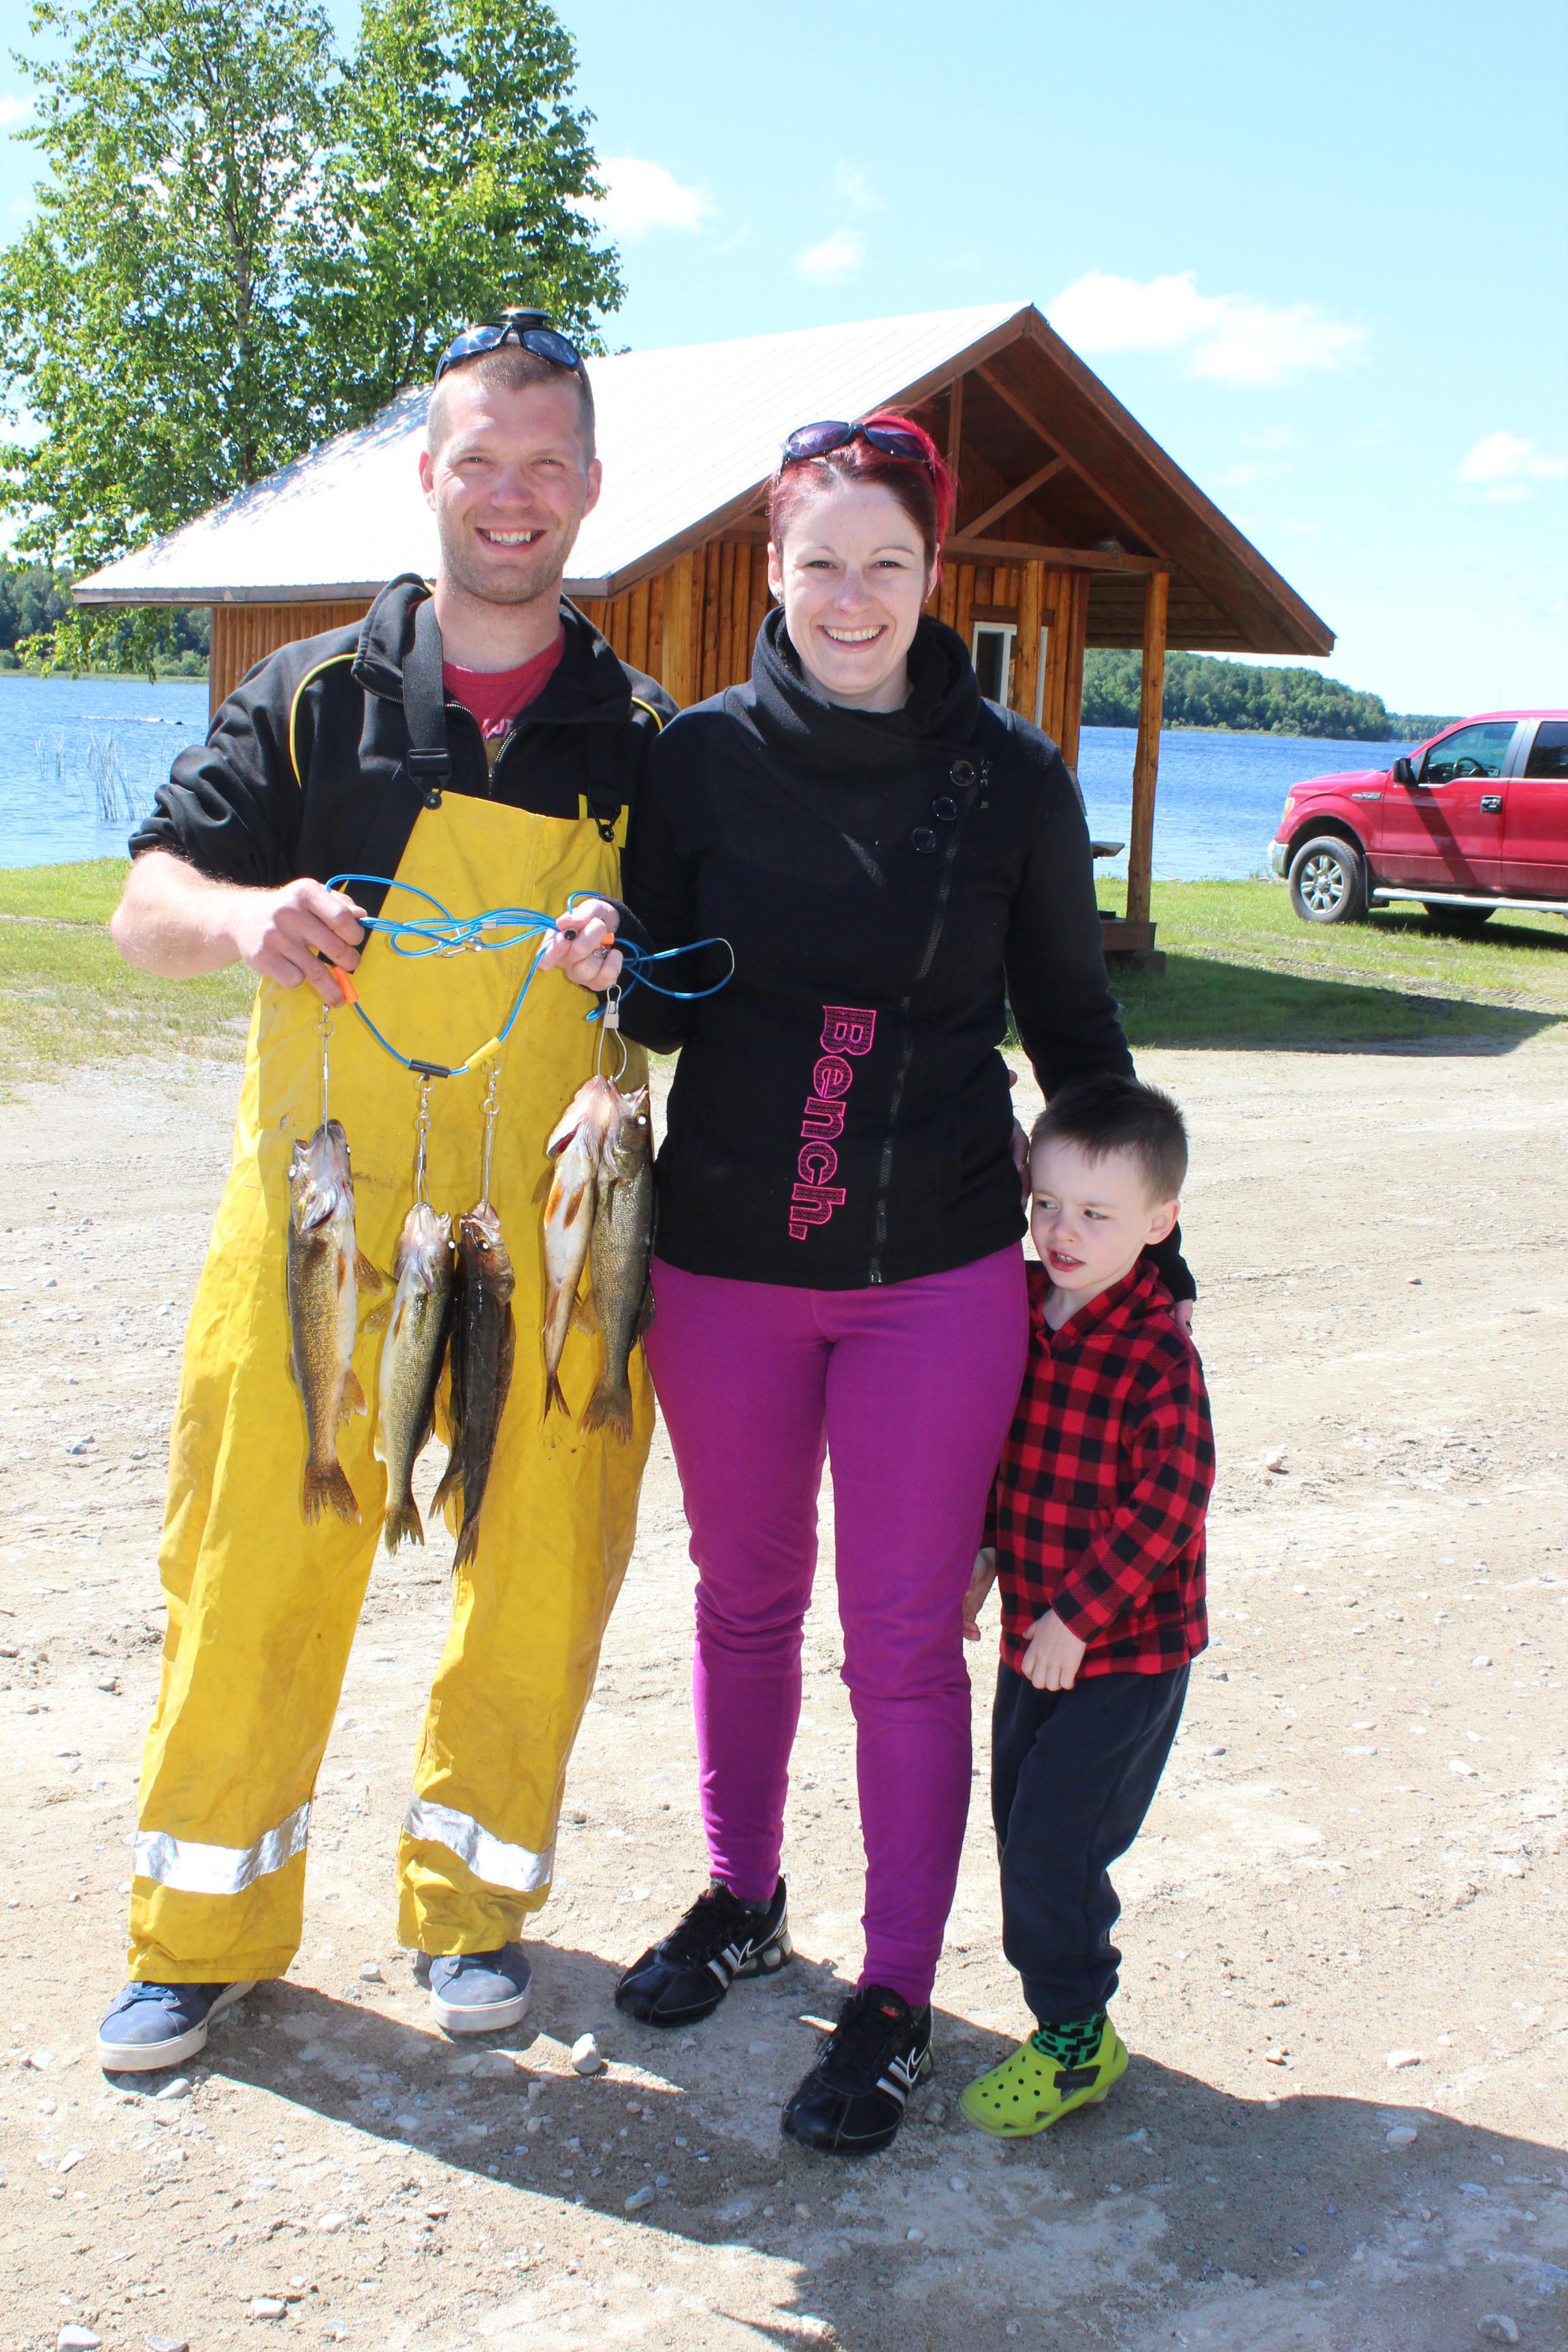 family fun at big bear camp